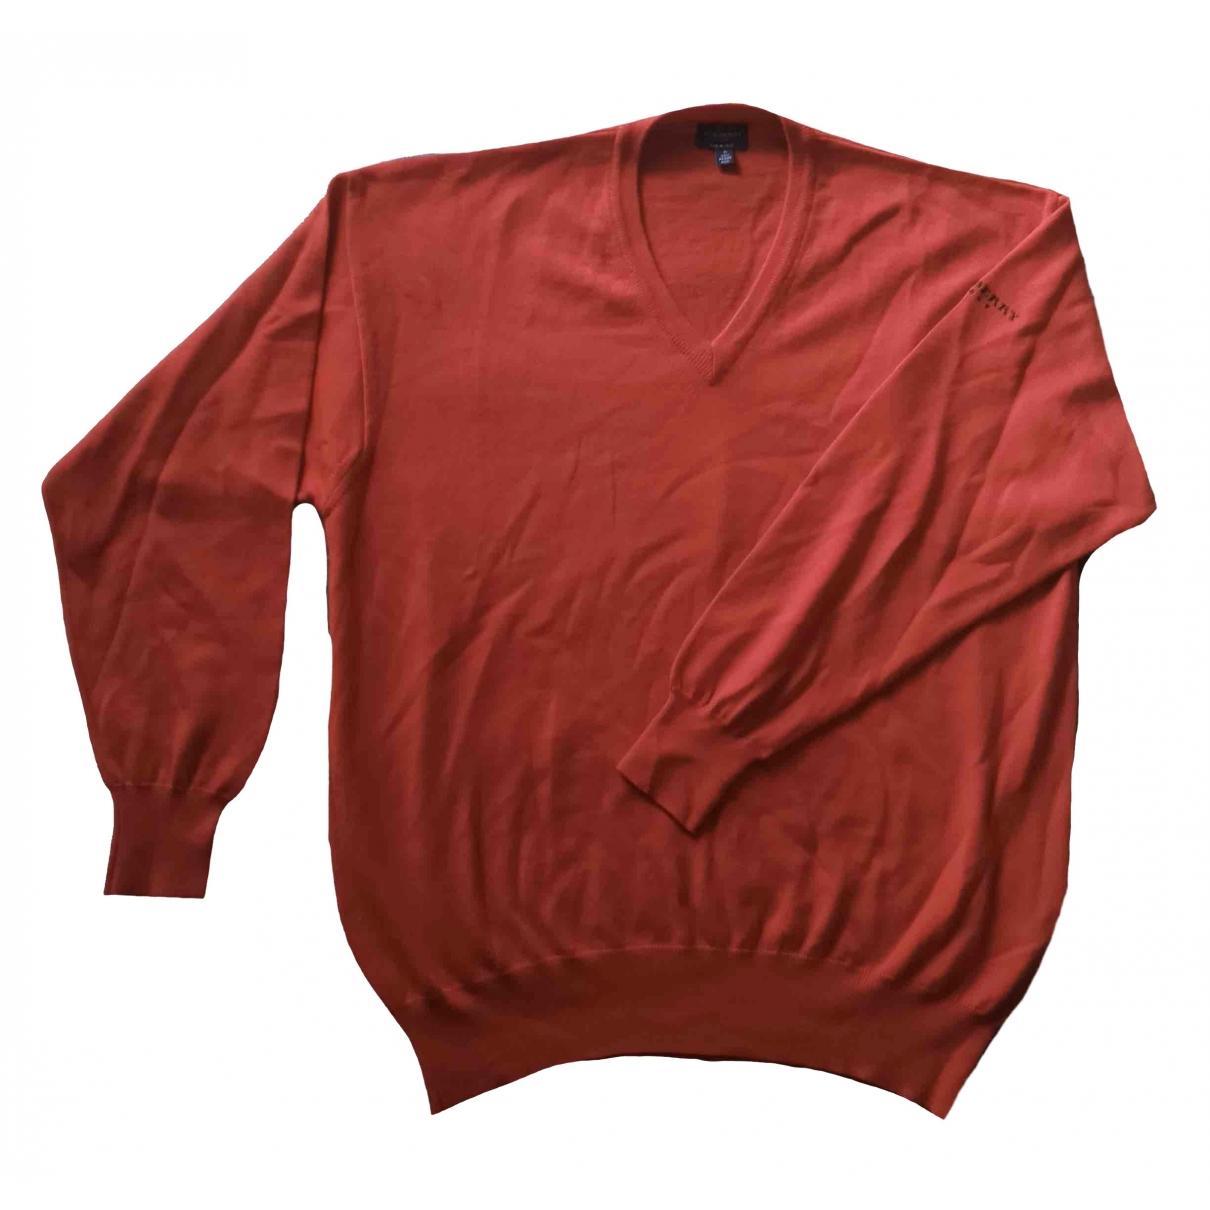 Burberry \N Red Wool Knitwear & Sweatshirts for Men S International